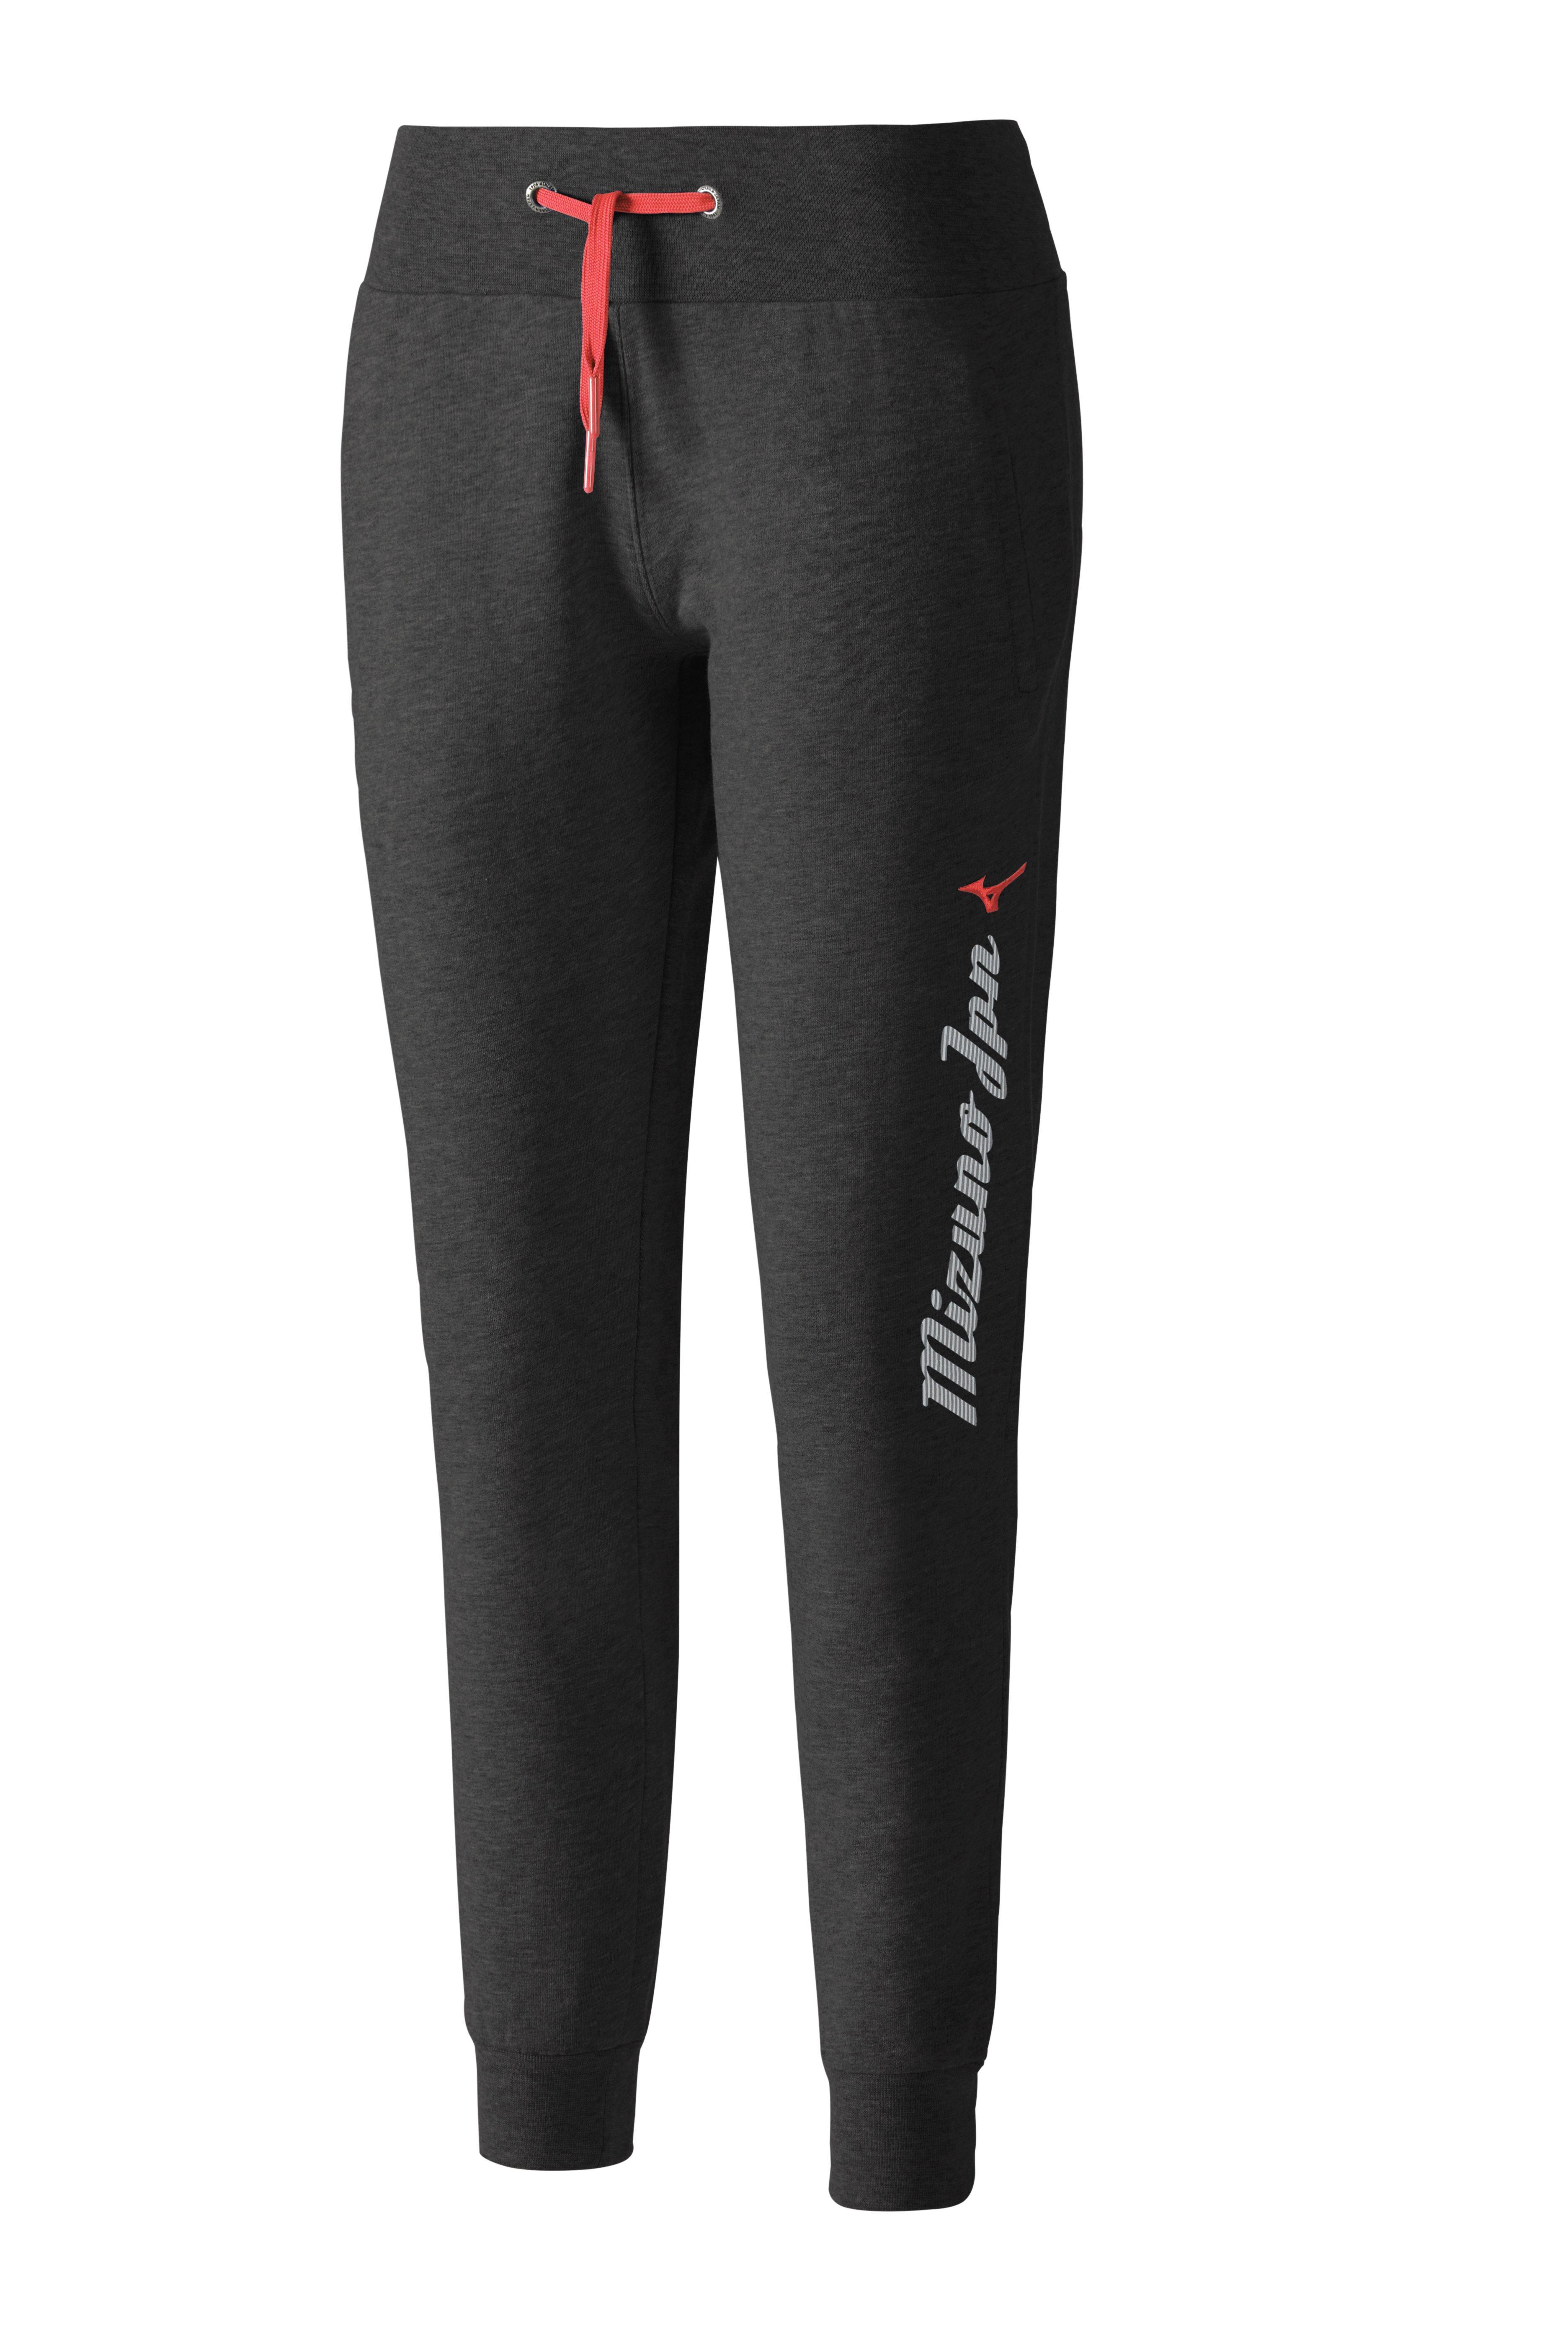 Mizuno Heritage Rib Pants K2ED672508 L